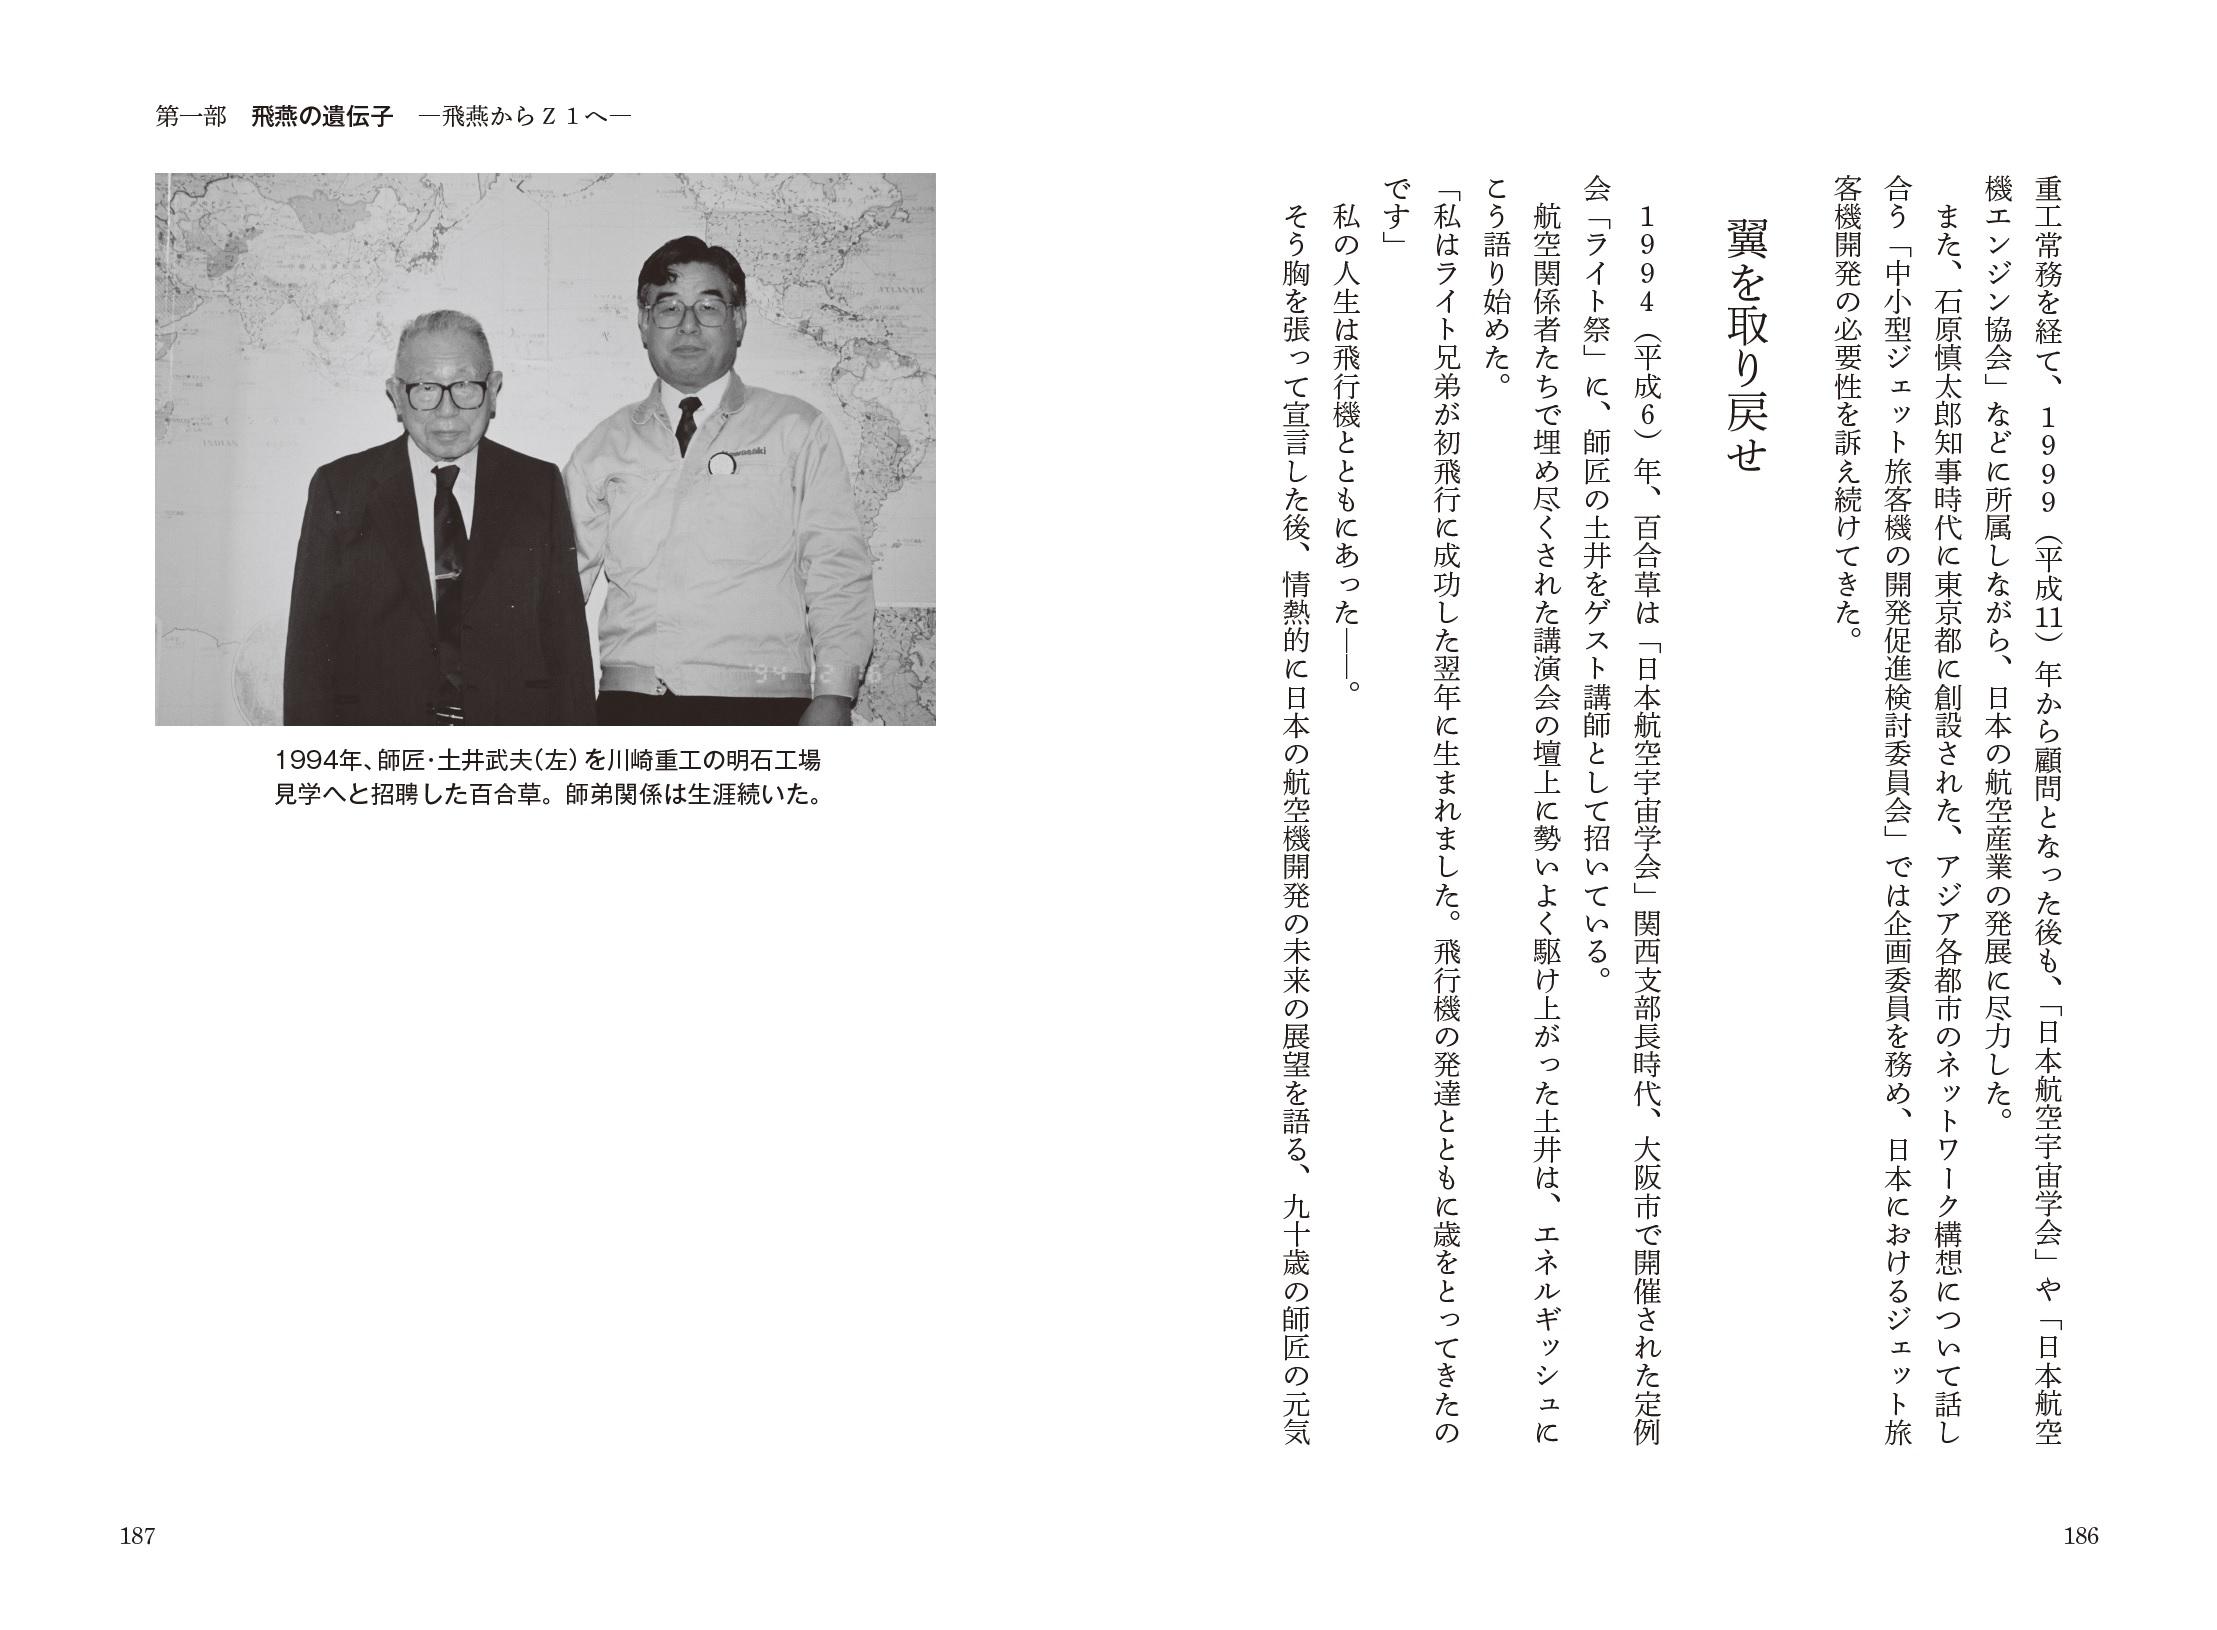 「百合草三佐雄の勤務先を訪れた土井武夫」紙面